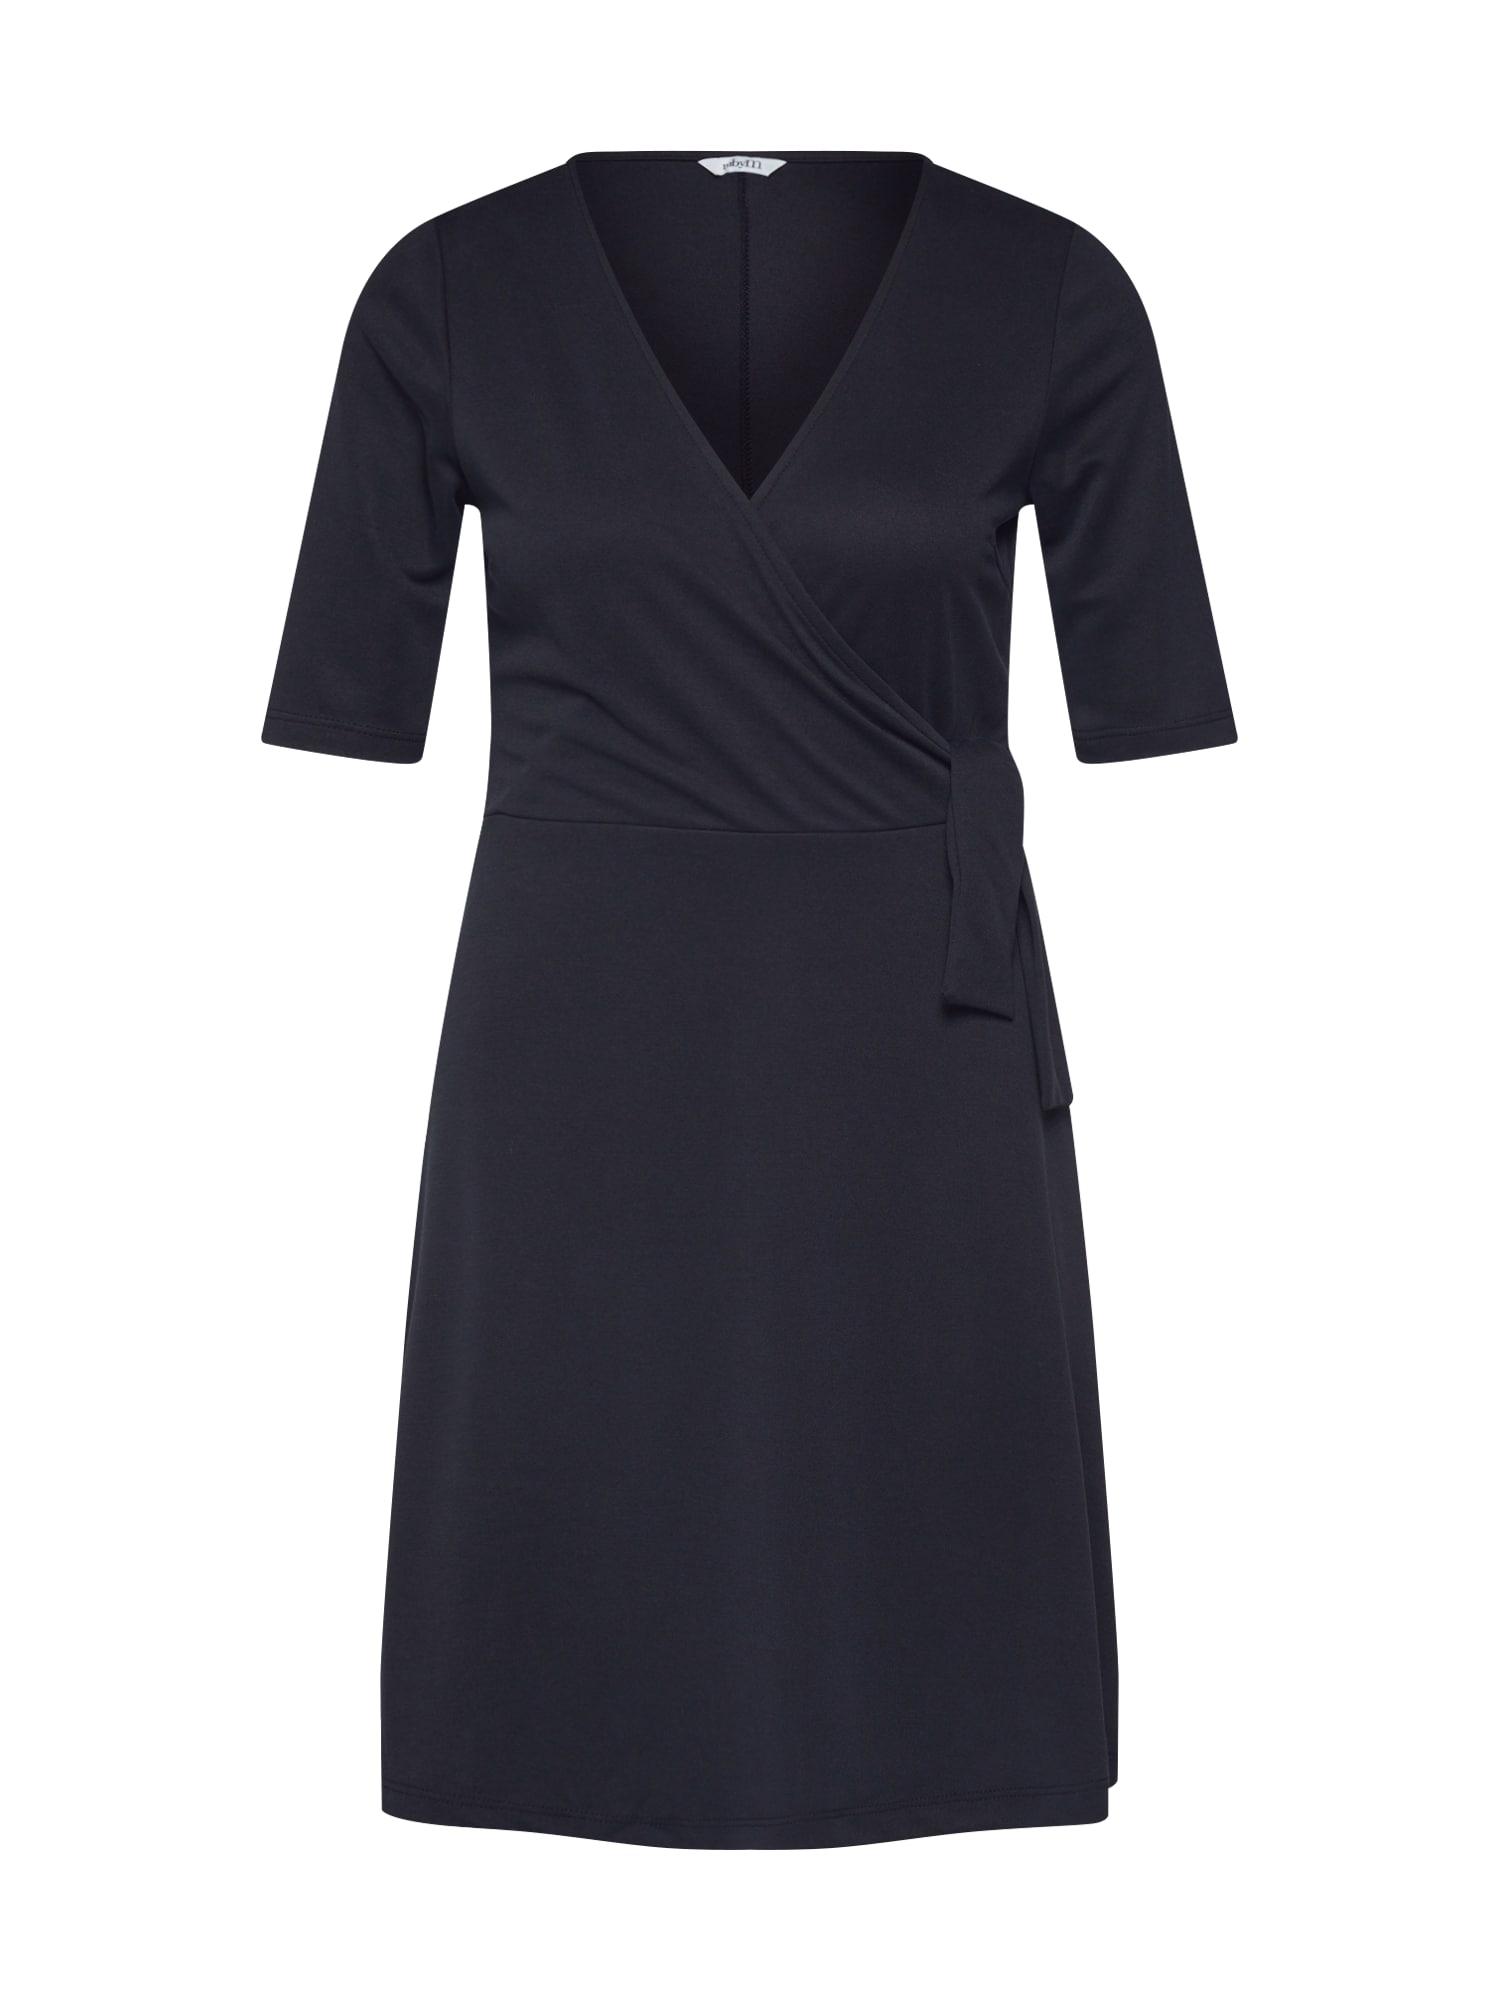 Šaty Coletta černá Mbym